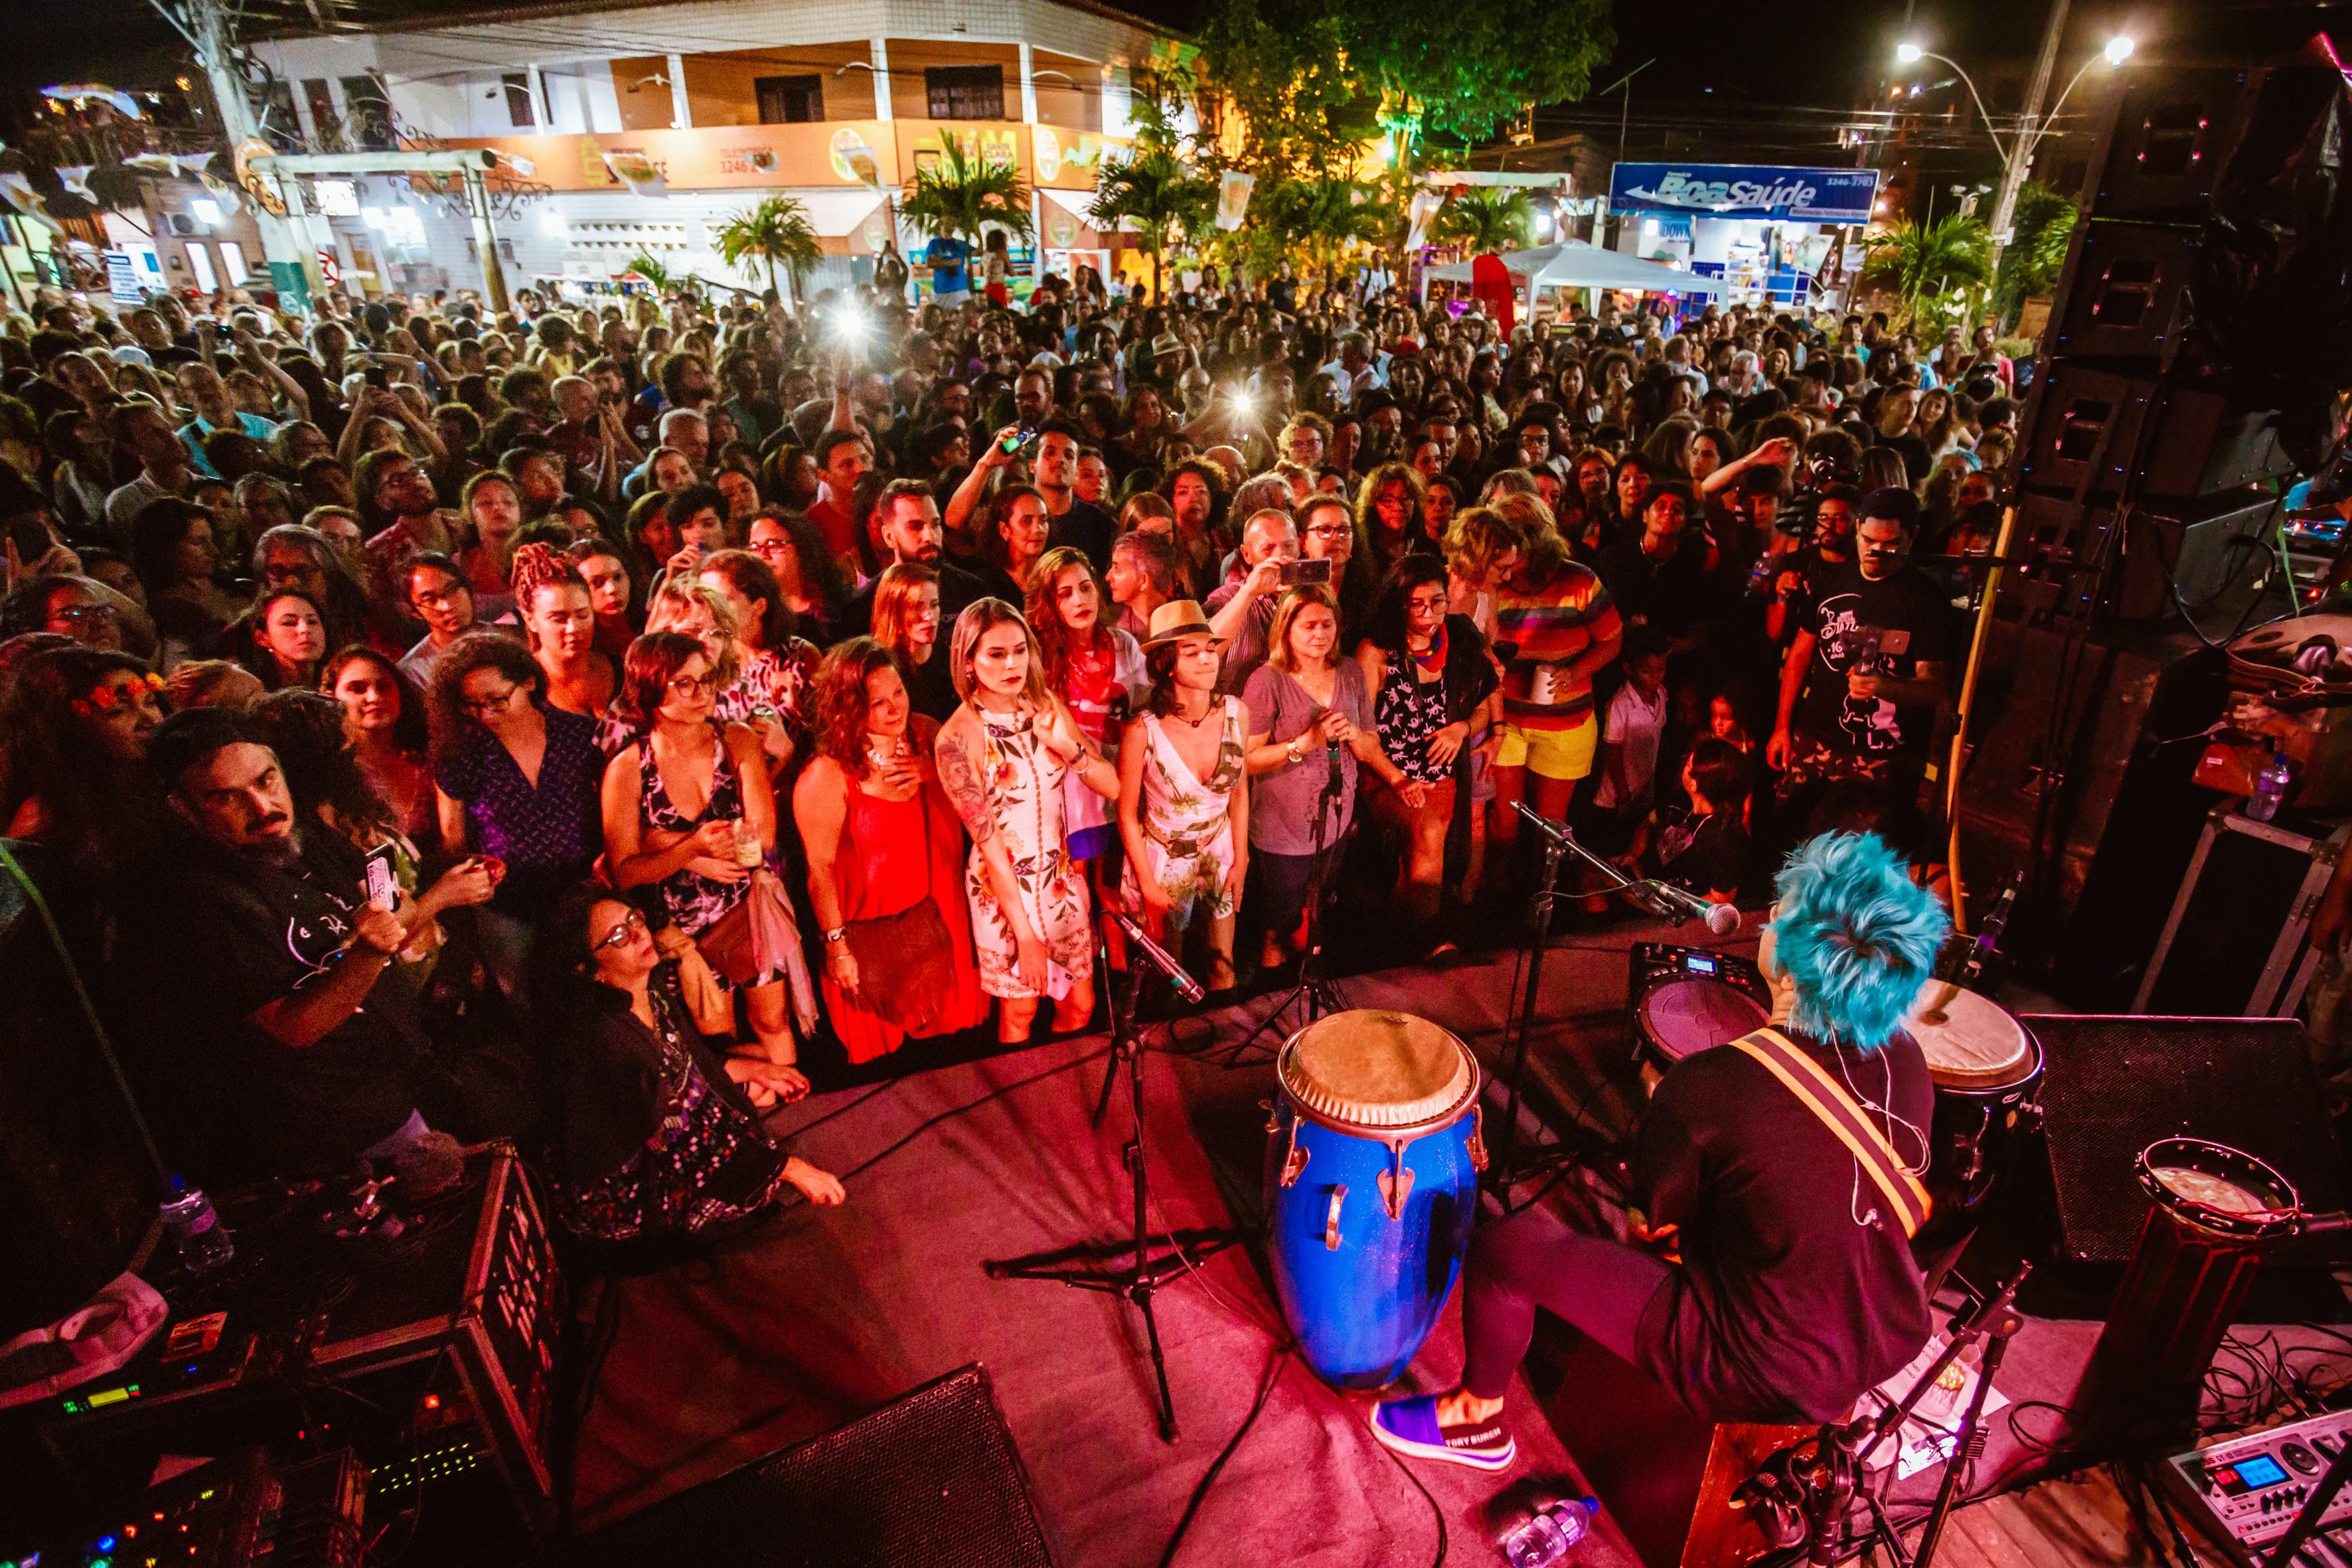 Fest Bossa & Jazz reúne mais de 25 mil pessoas durante edição na Praia de Pipa - Notícias - Plantão Diário